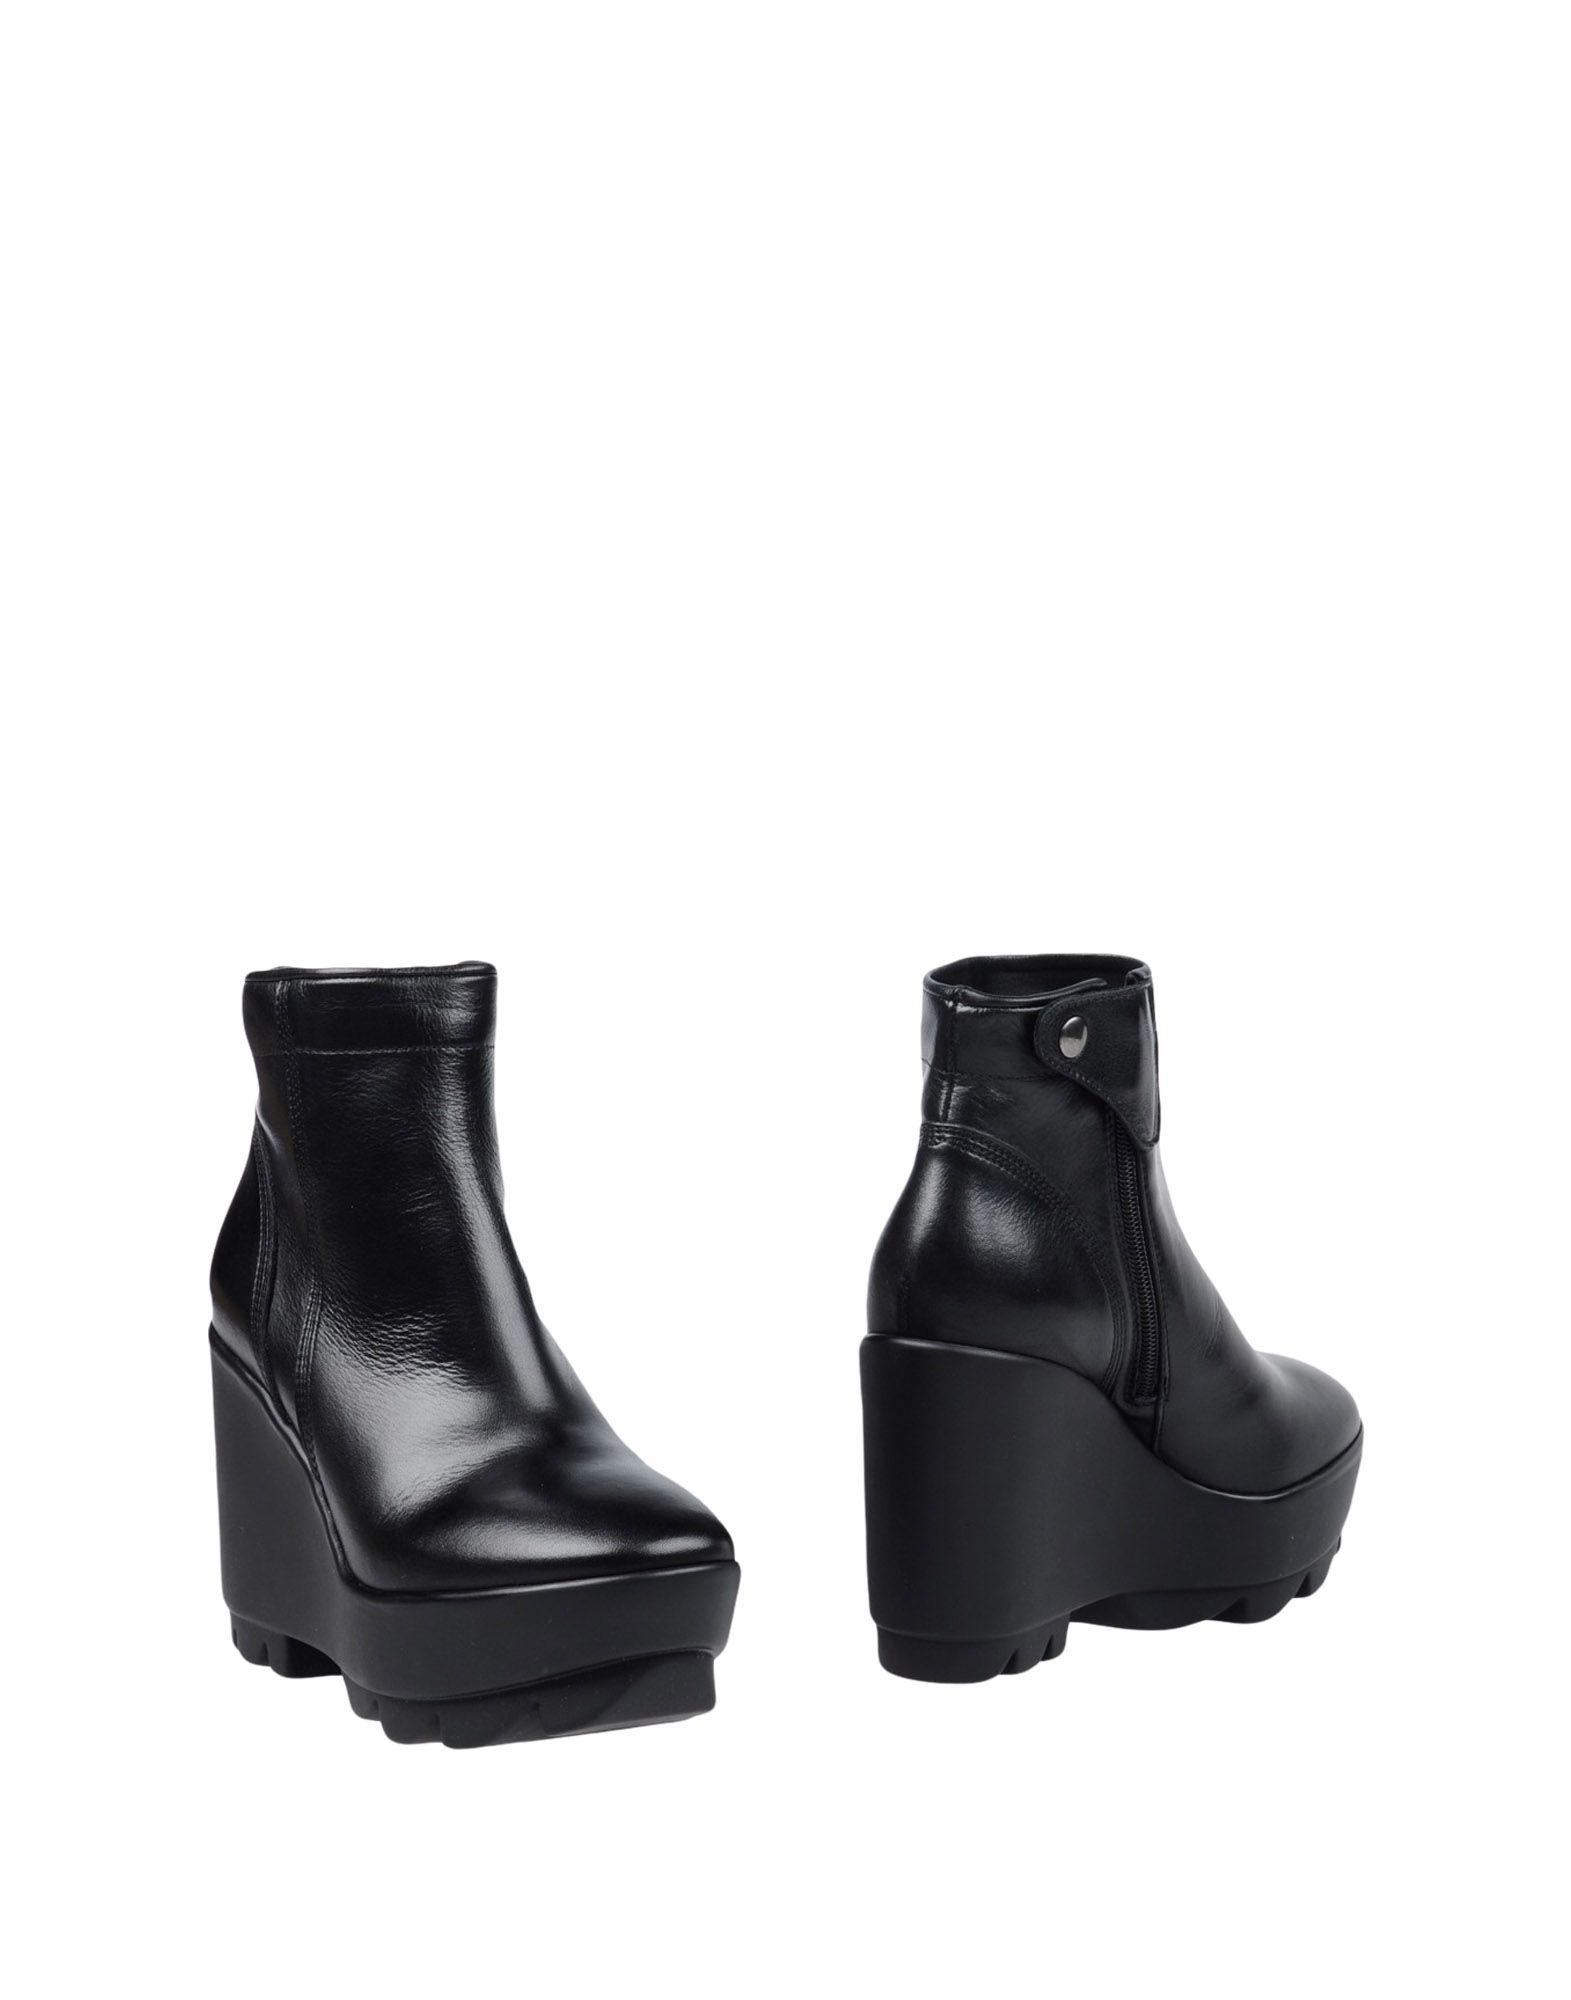 Jfk Stiefelette Damen  Schuhe 11275490NR Heiße Schuhe  8edf32